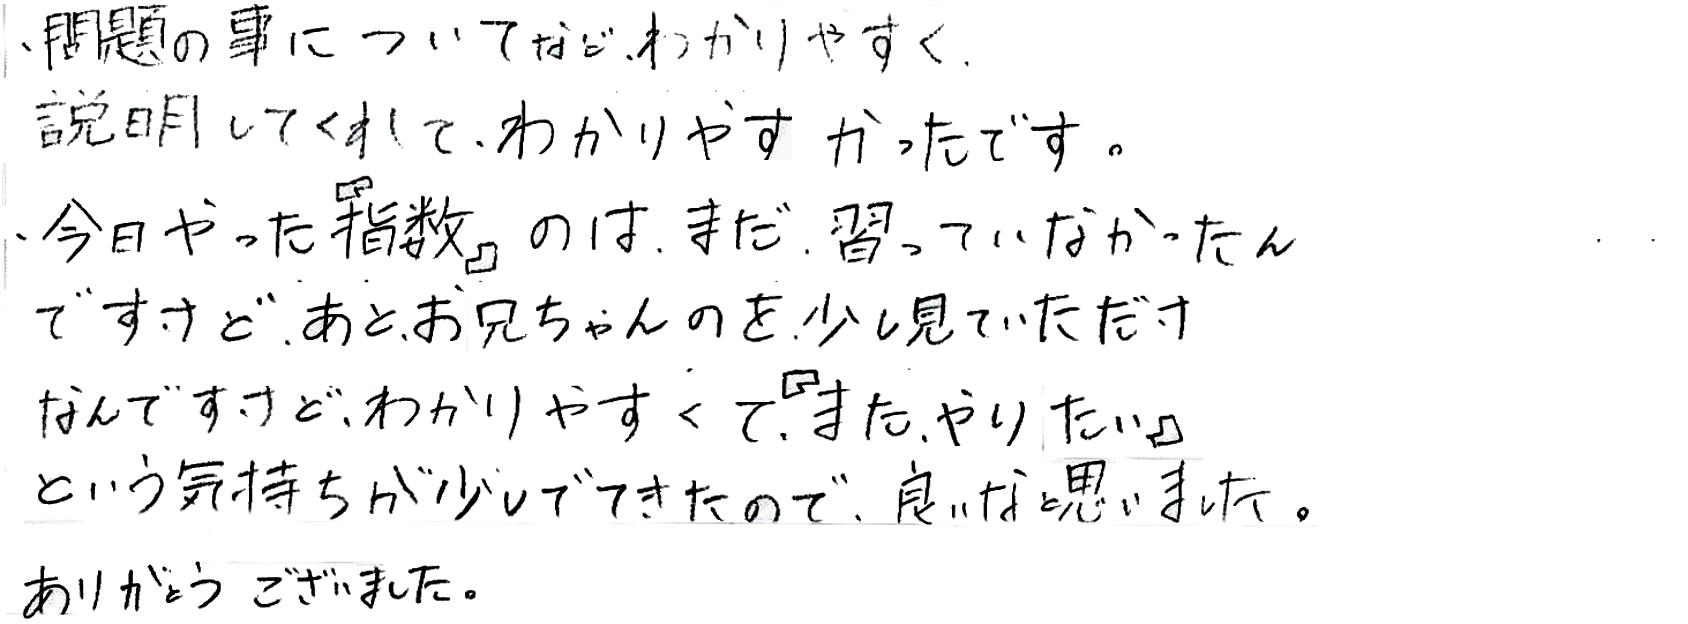 Aちゃん(摂津市)からの口コミ